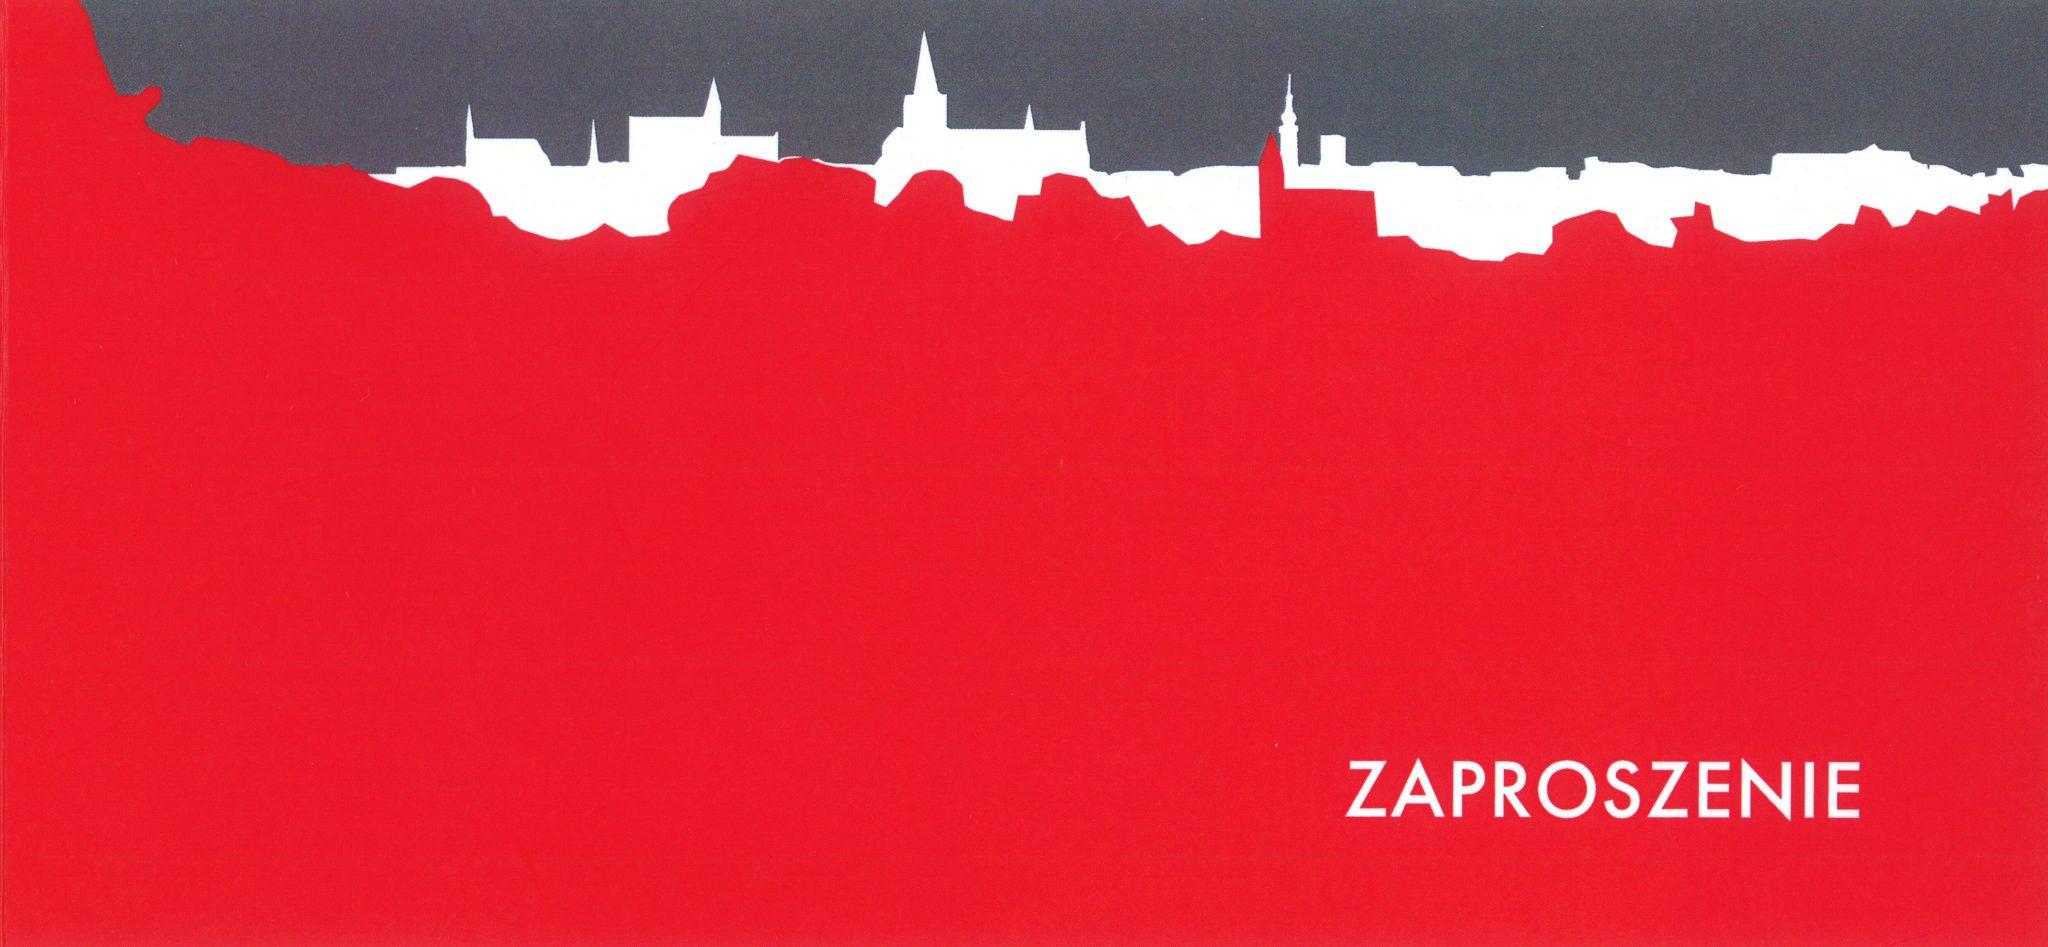 Zaproszenie na wystawę w Warszawie - plenery Chelmno-19-03-28-03-2018